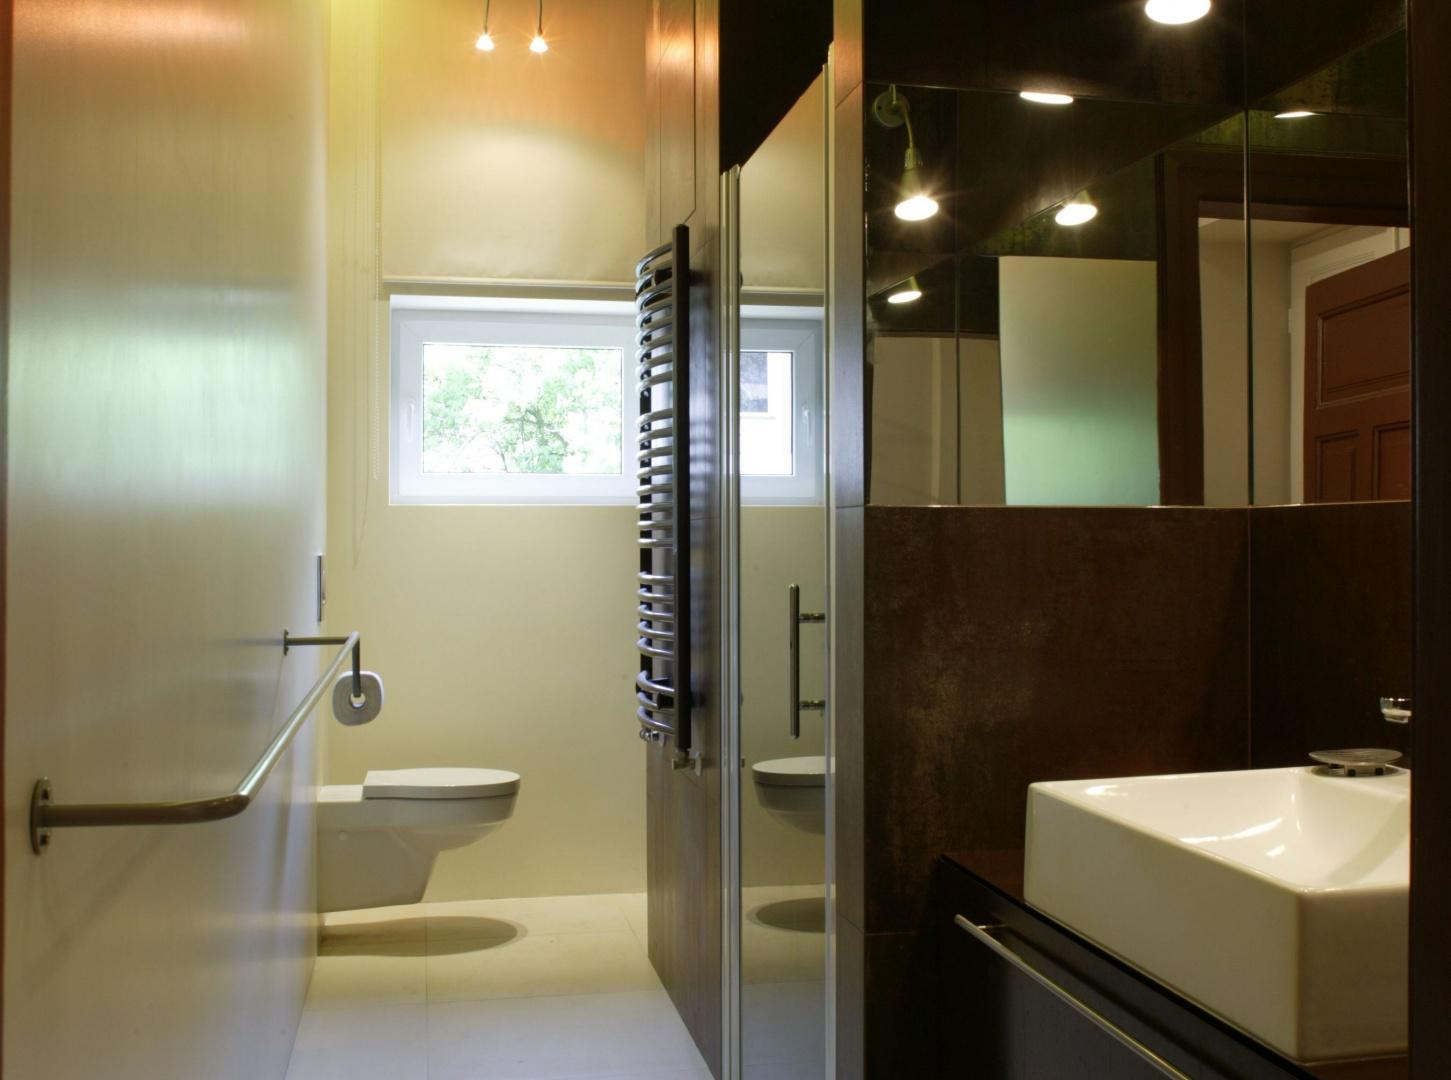 Umieszczenia na jednej ze ścian wnęk z przeznaczeniem na umywalkę, kabinę prysznicową oraz szafki gwarantuje funkcjonalność. Fot. Bartosz Jarosz.